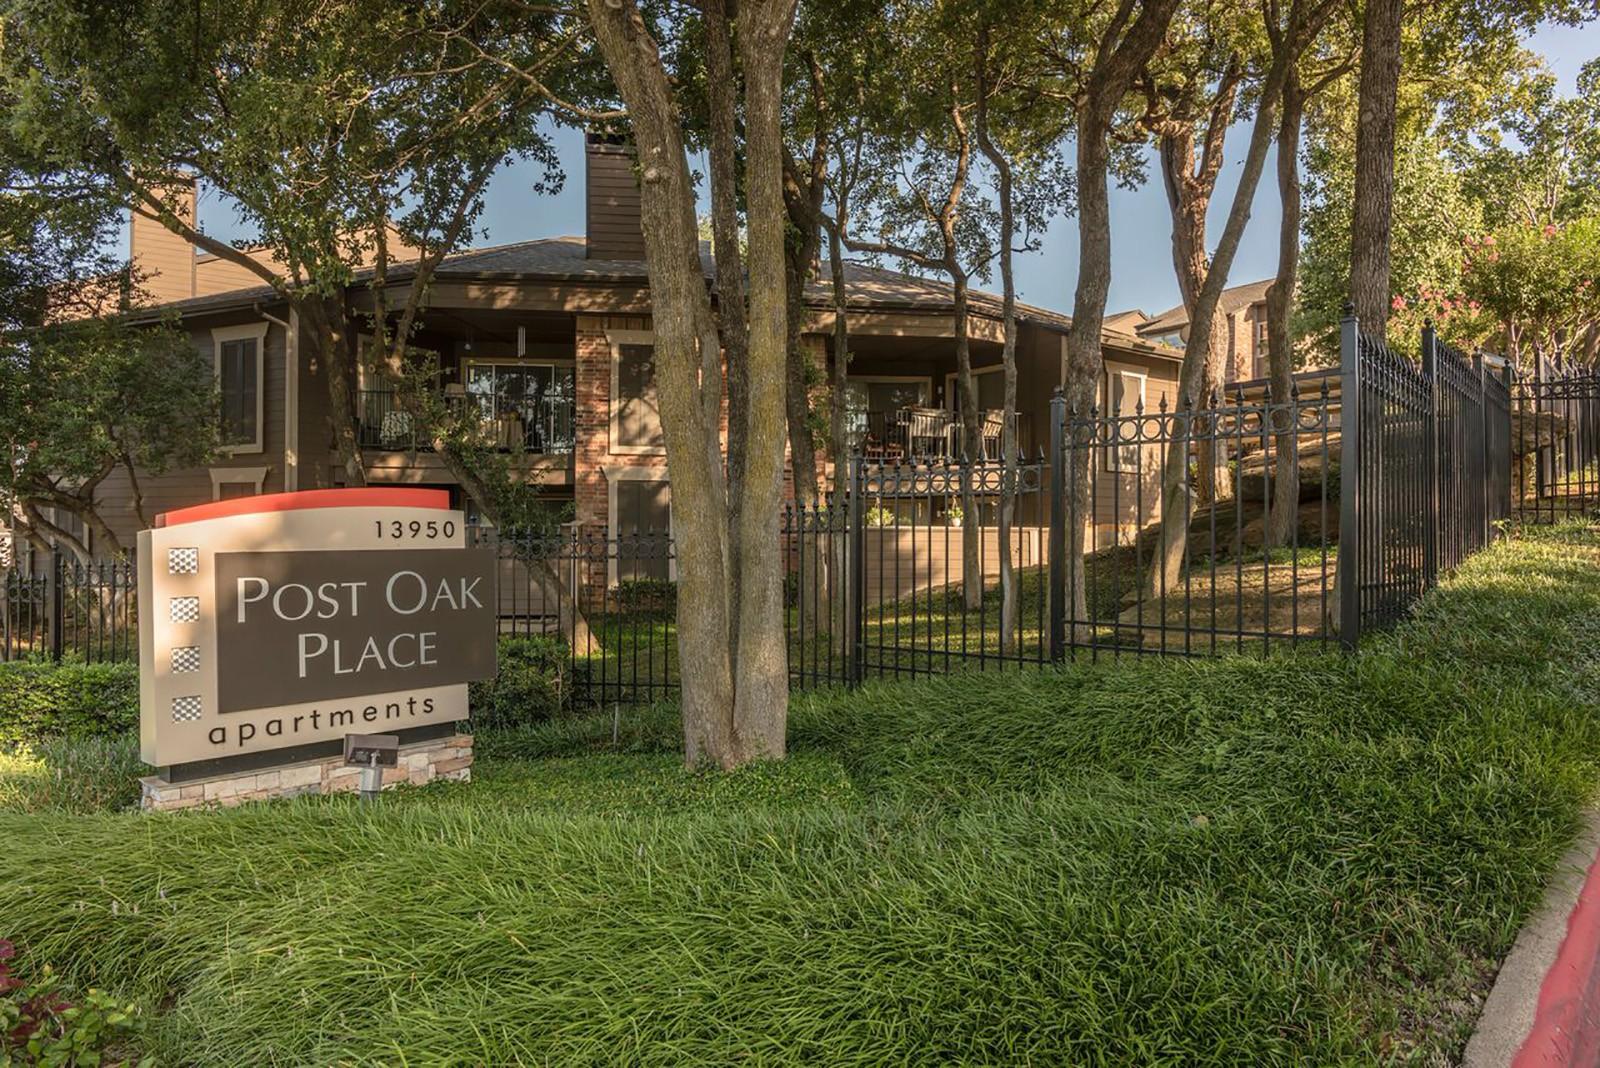 Post Oak Place Apartments